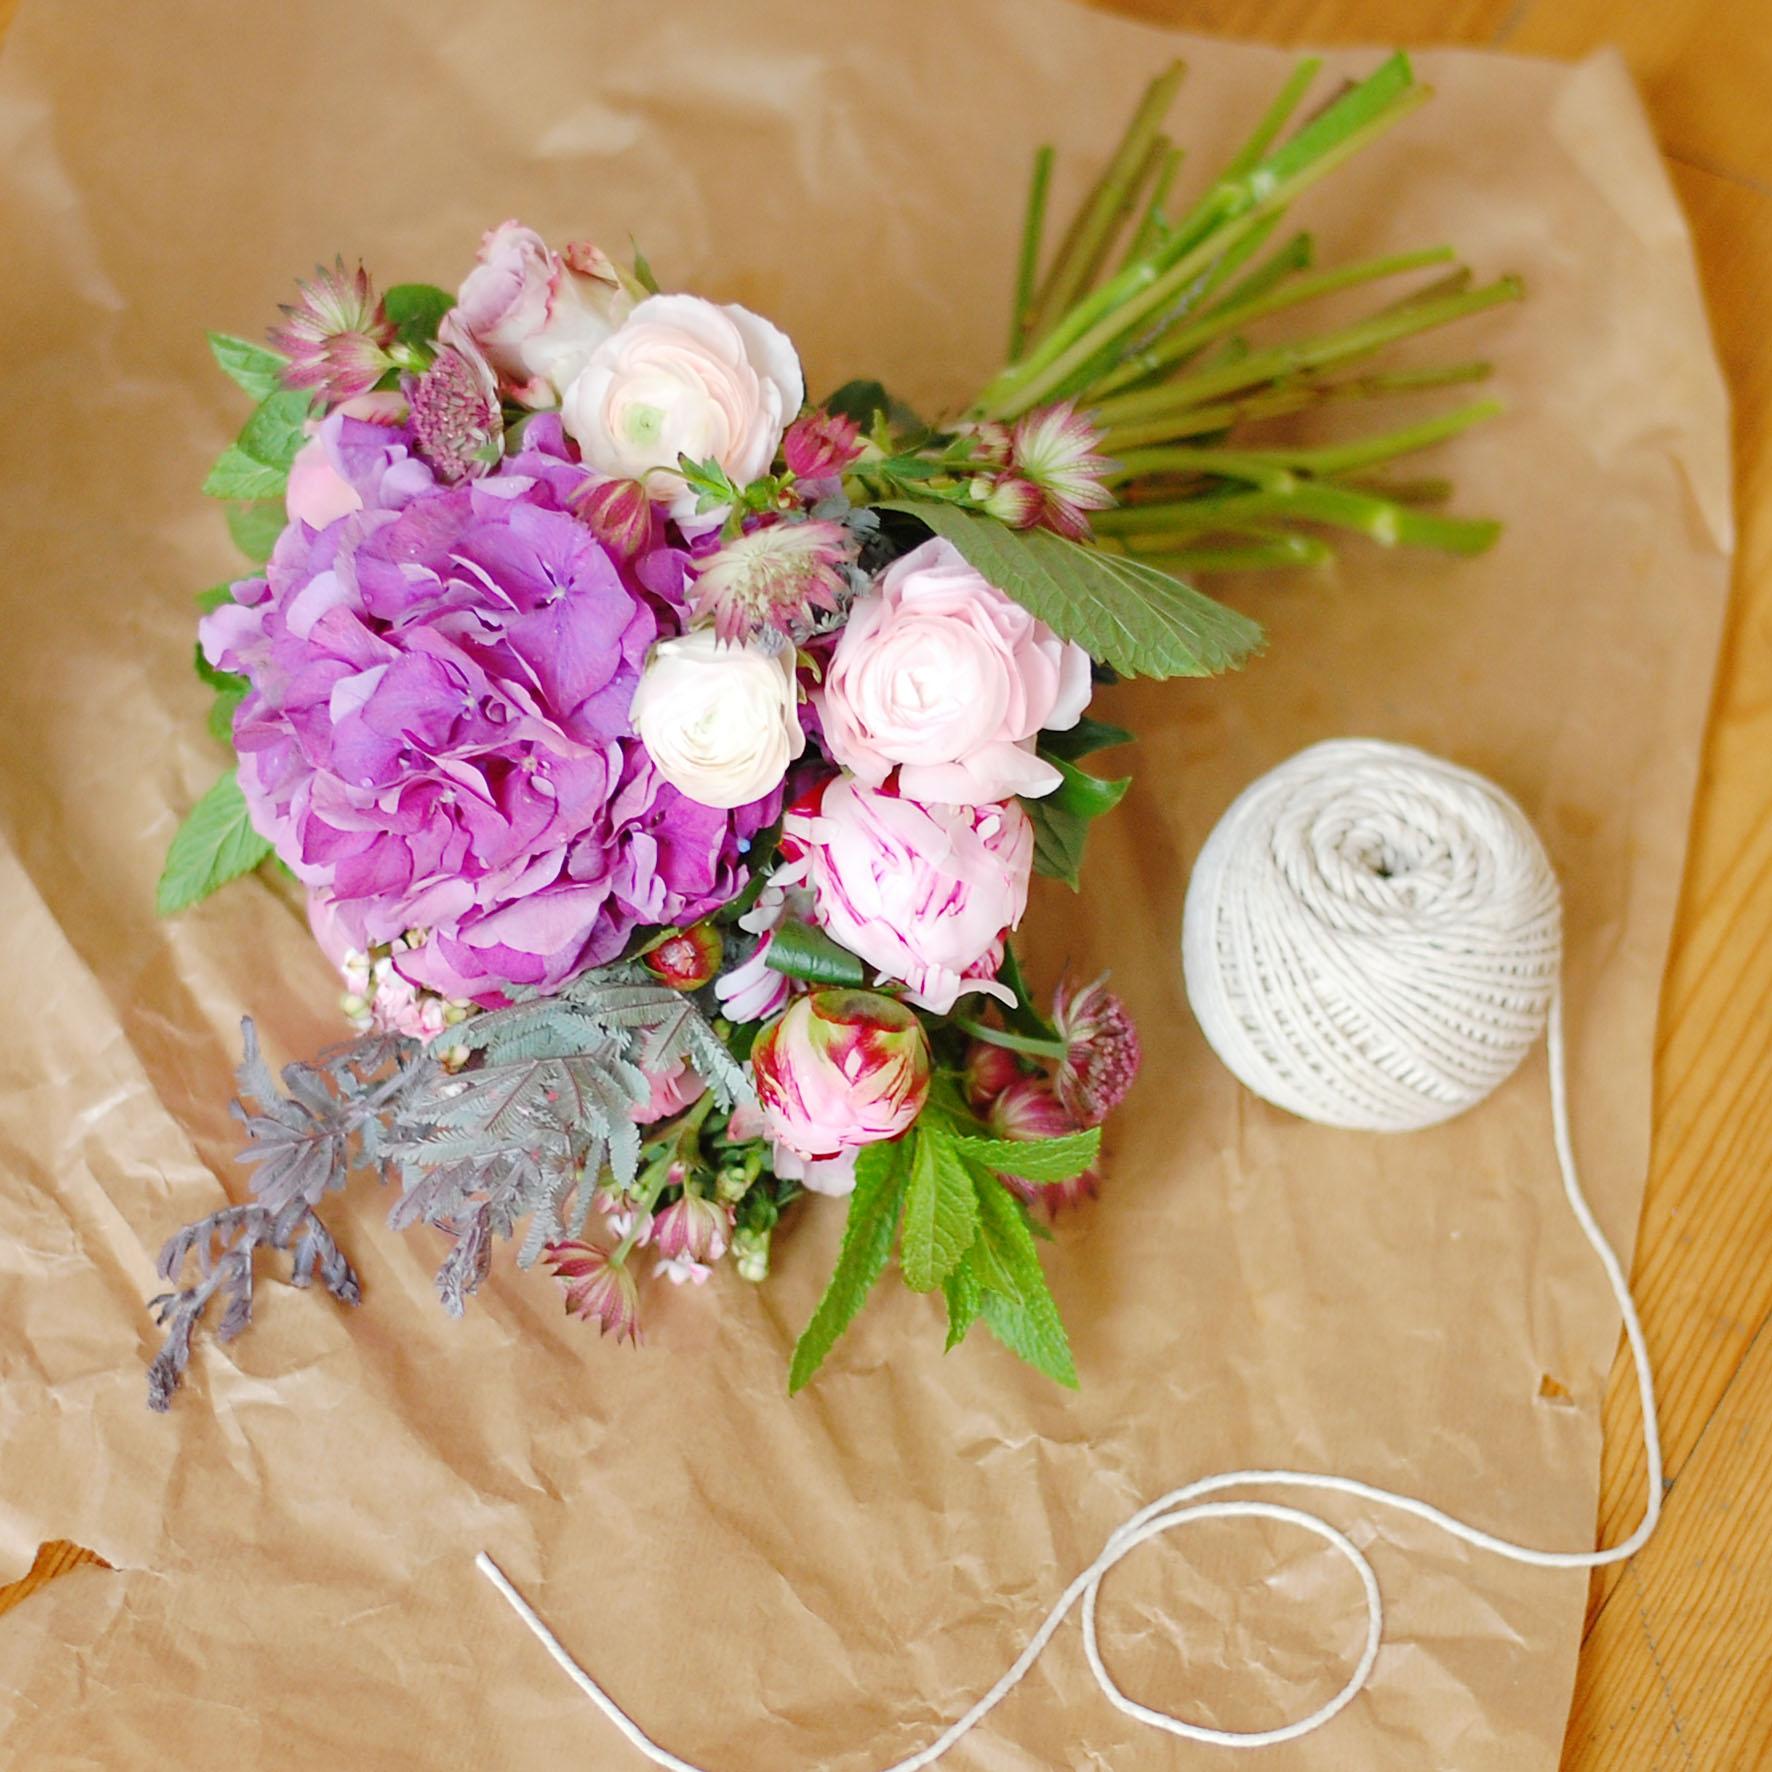 Цветы у кого нибудь есть цветы